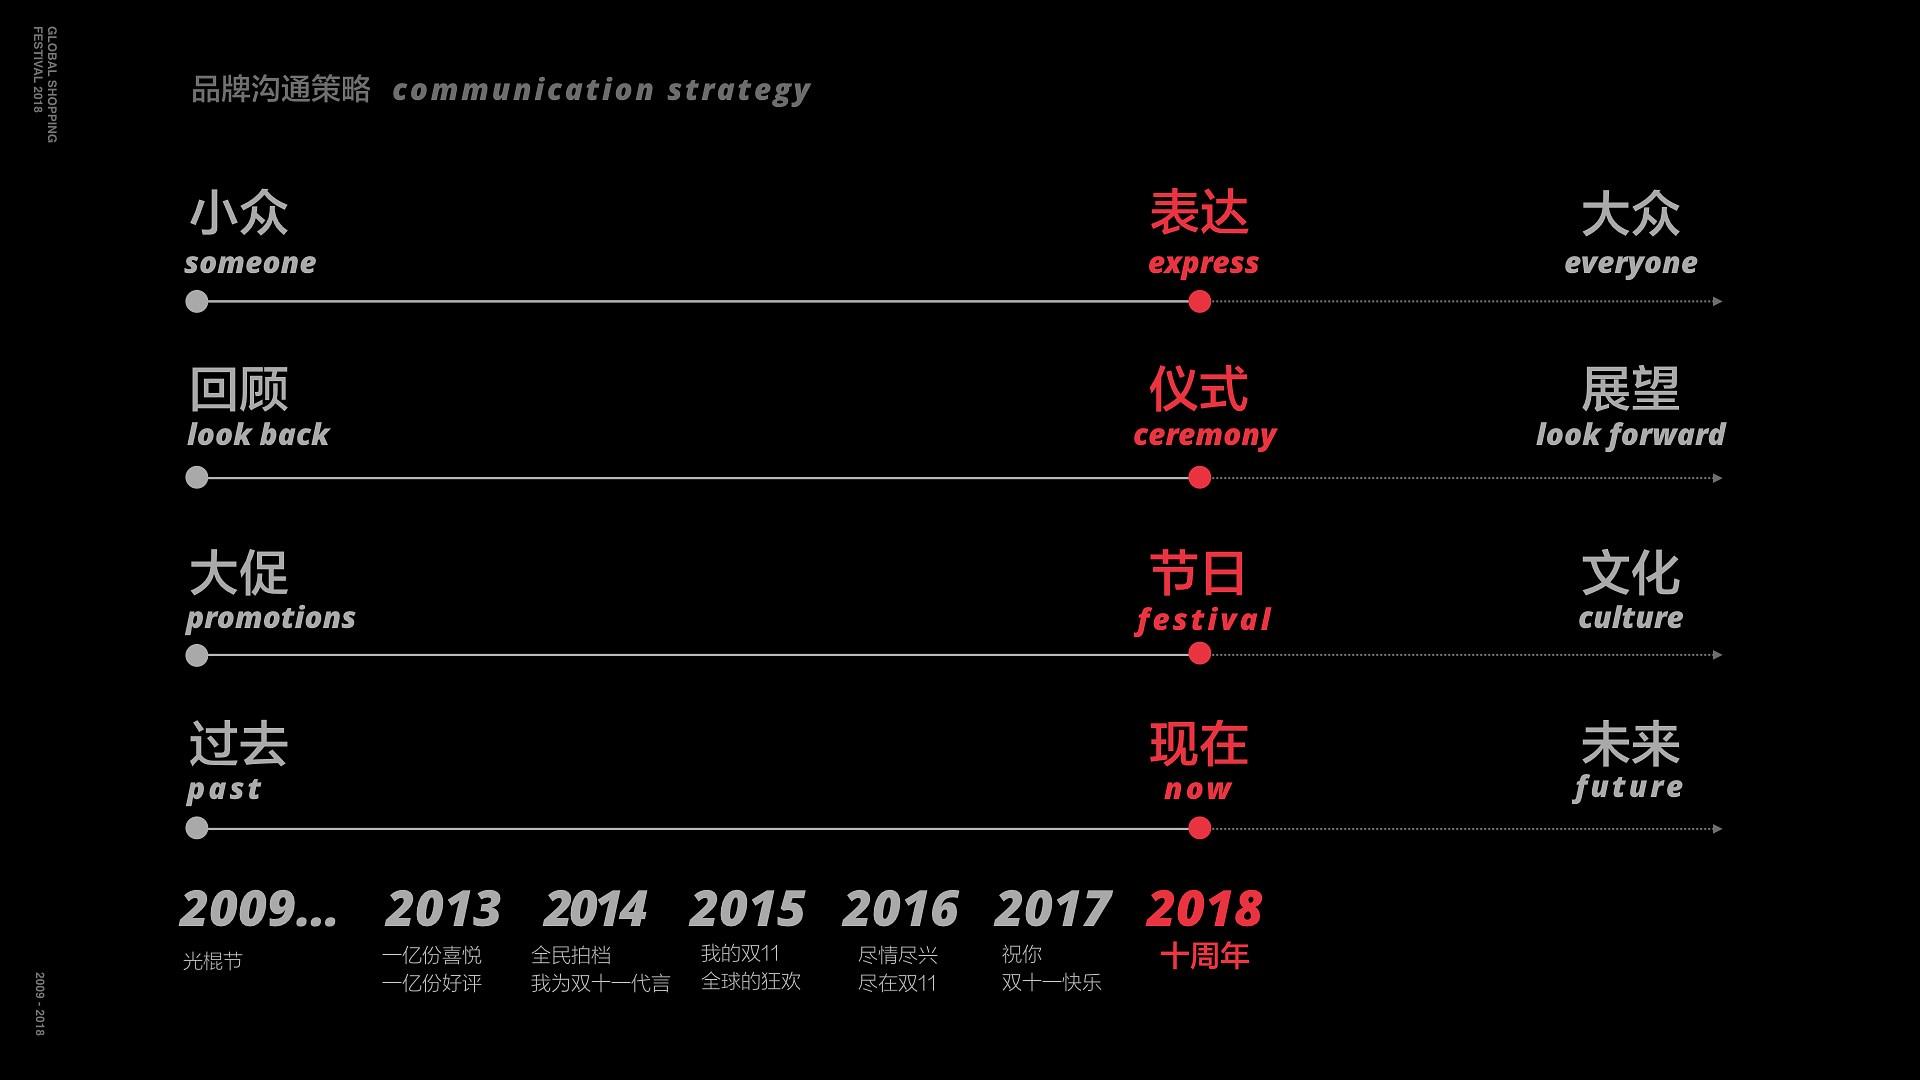 2018双十一品牌-官方揭秘设计全过程 (20).jpg